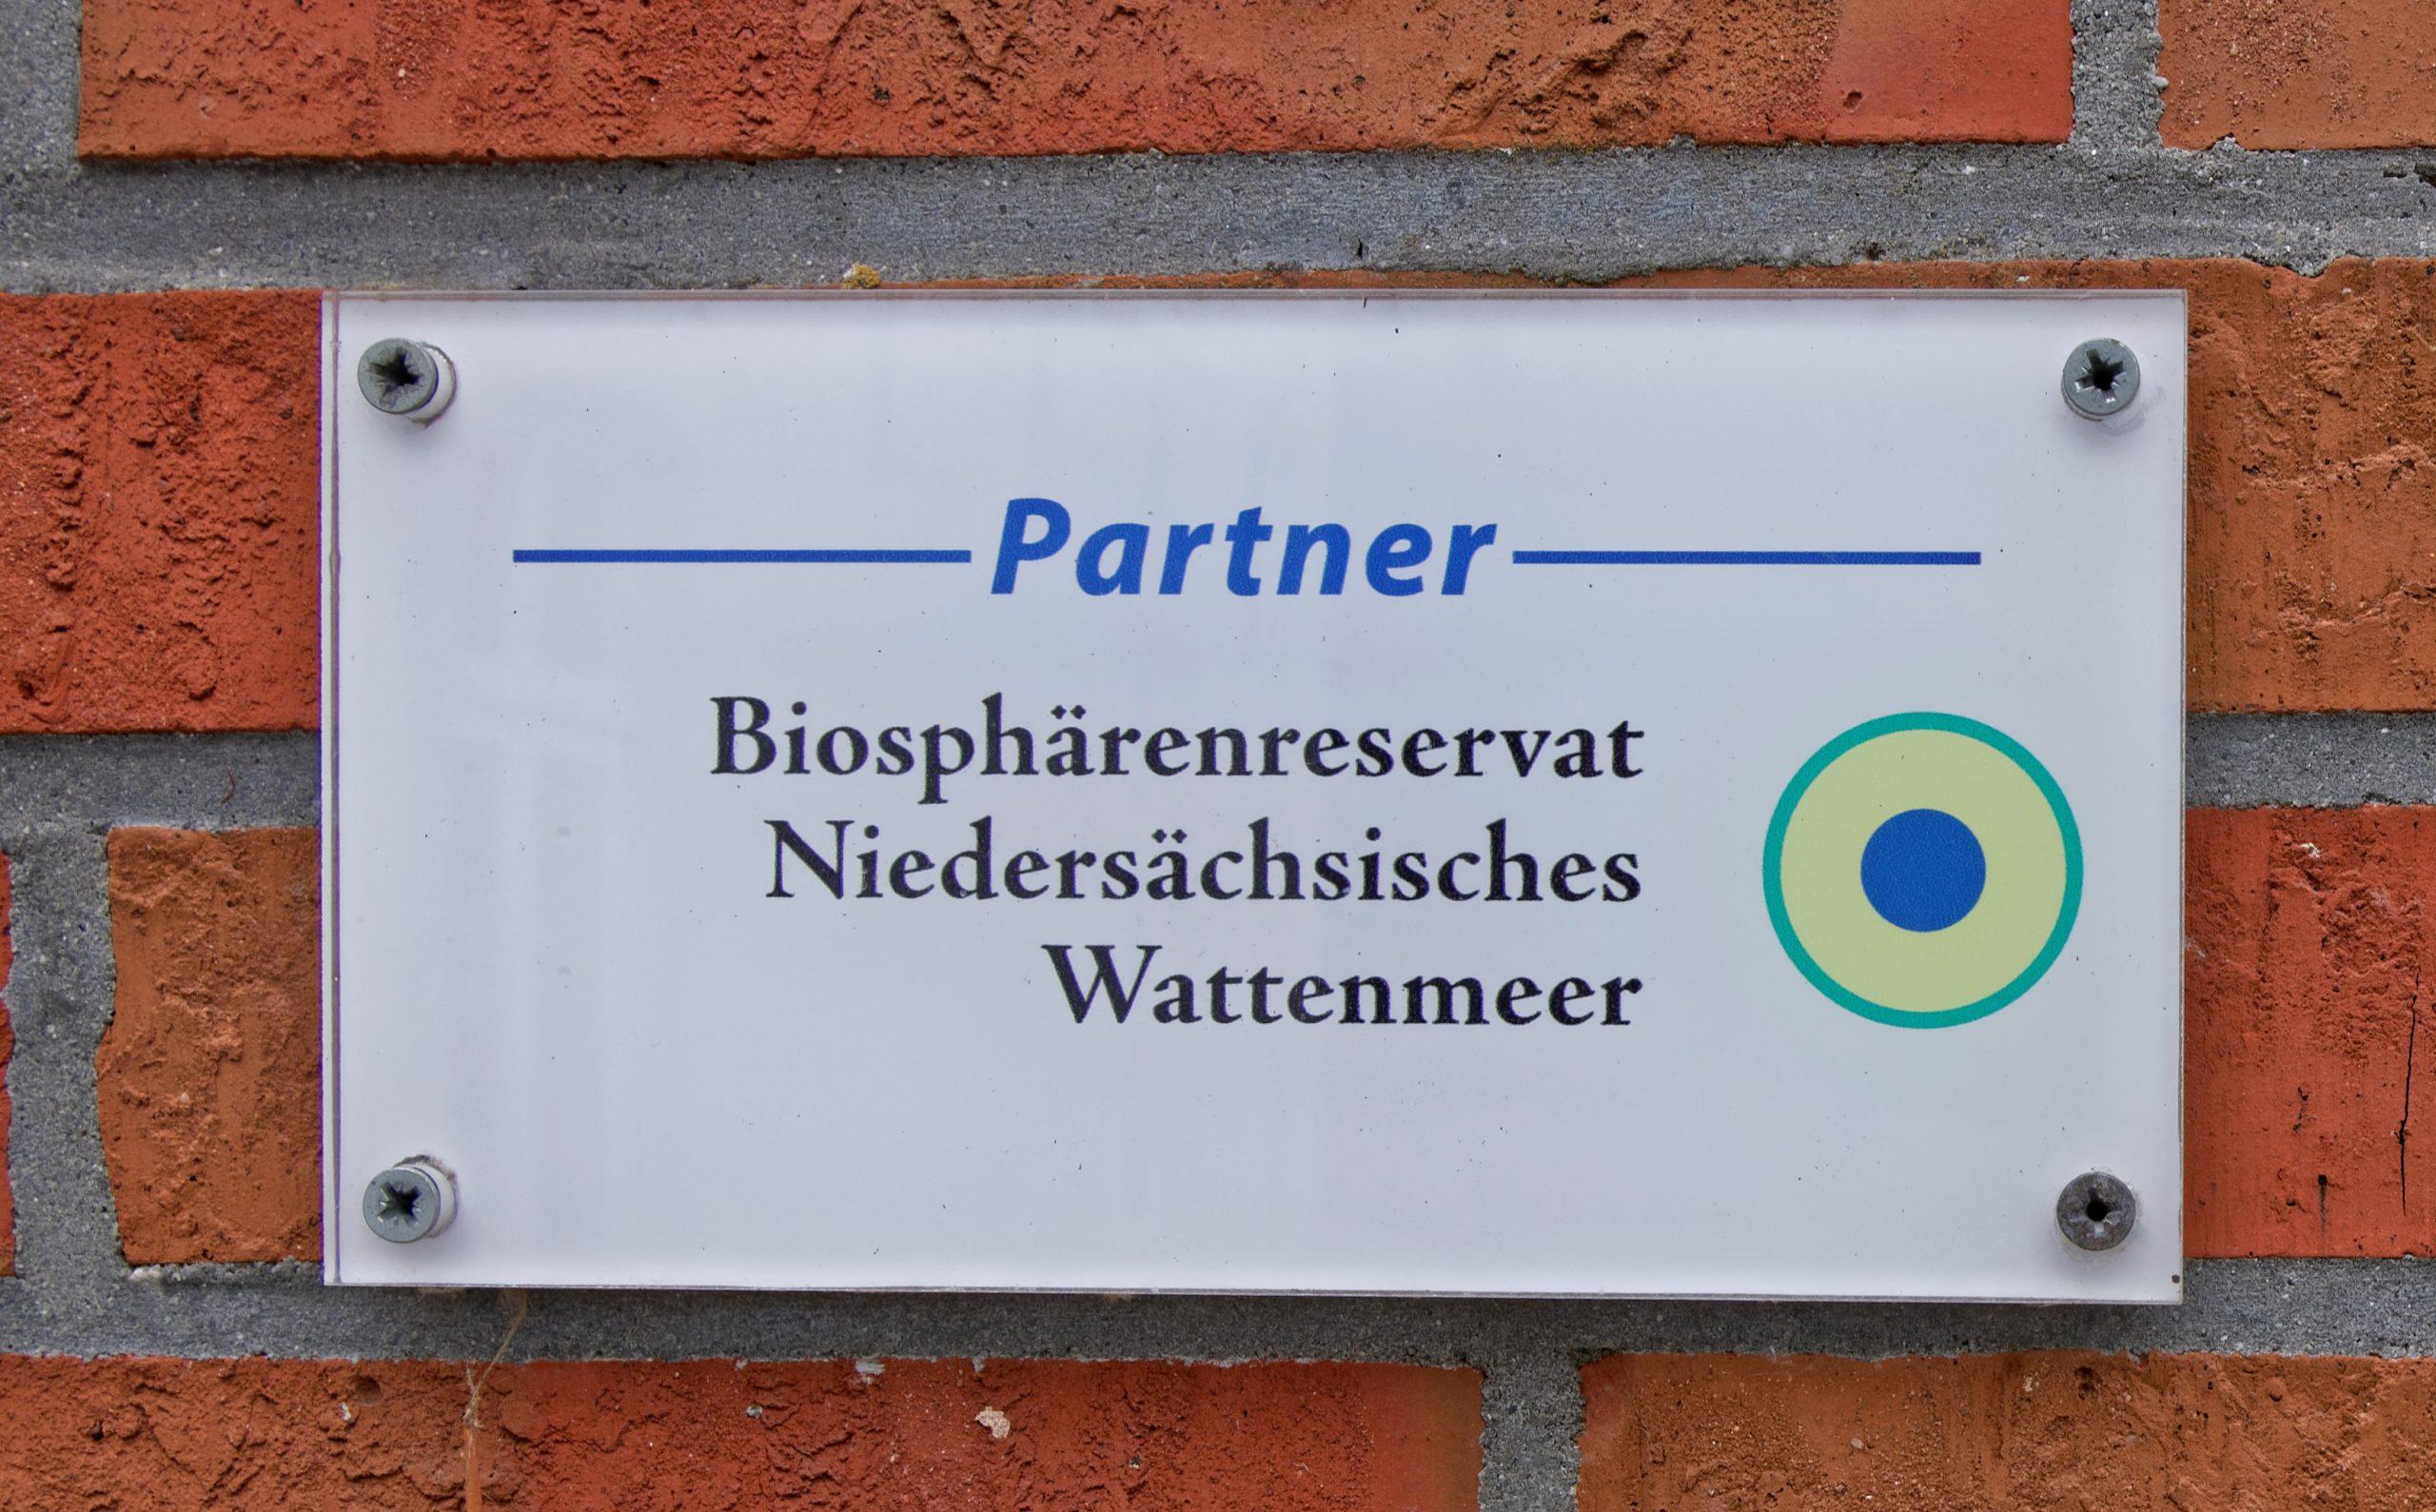 Biosphärenreservat Partner-Schild am Eingang eines Partnerbetriebes. Foto: Astrid Martin